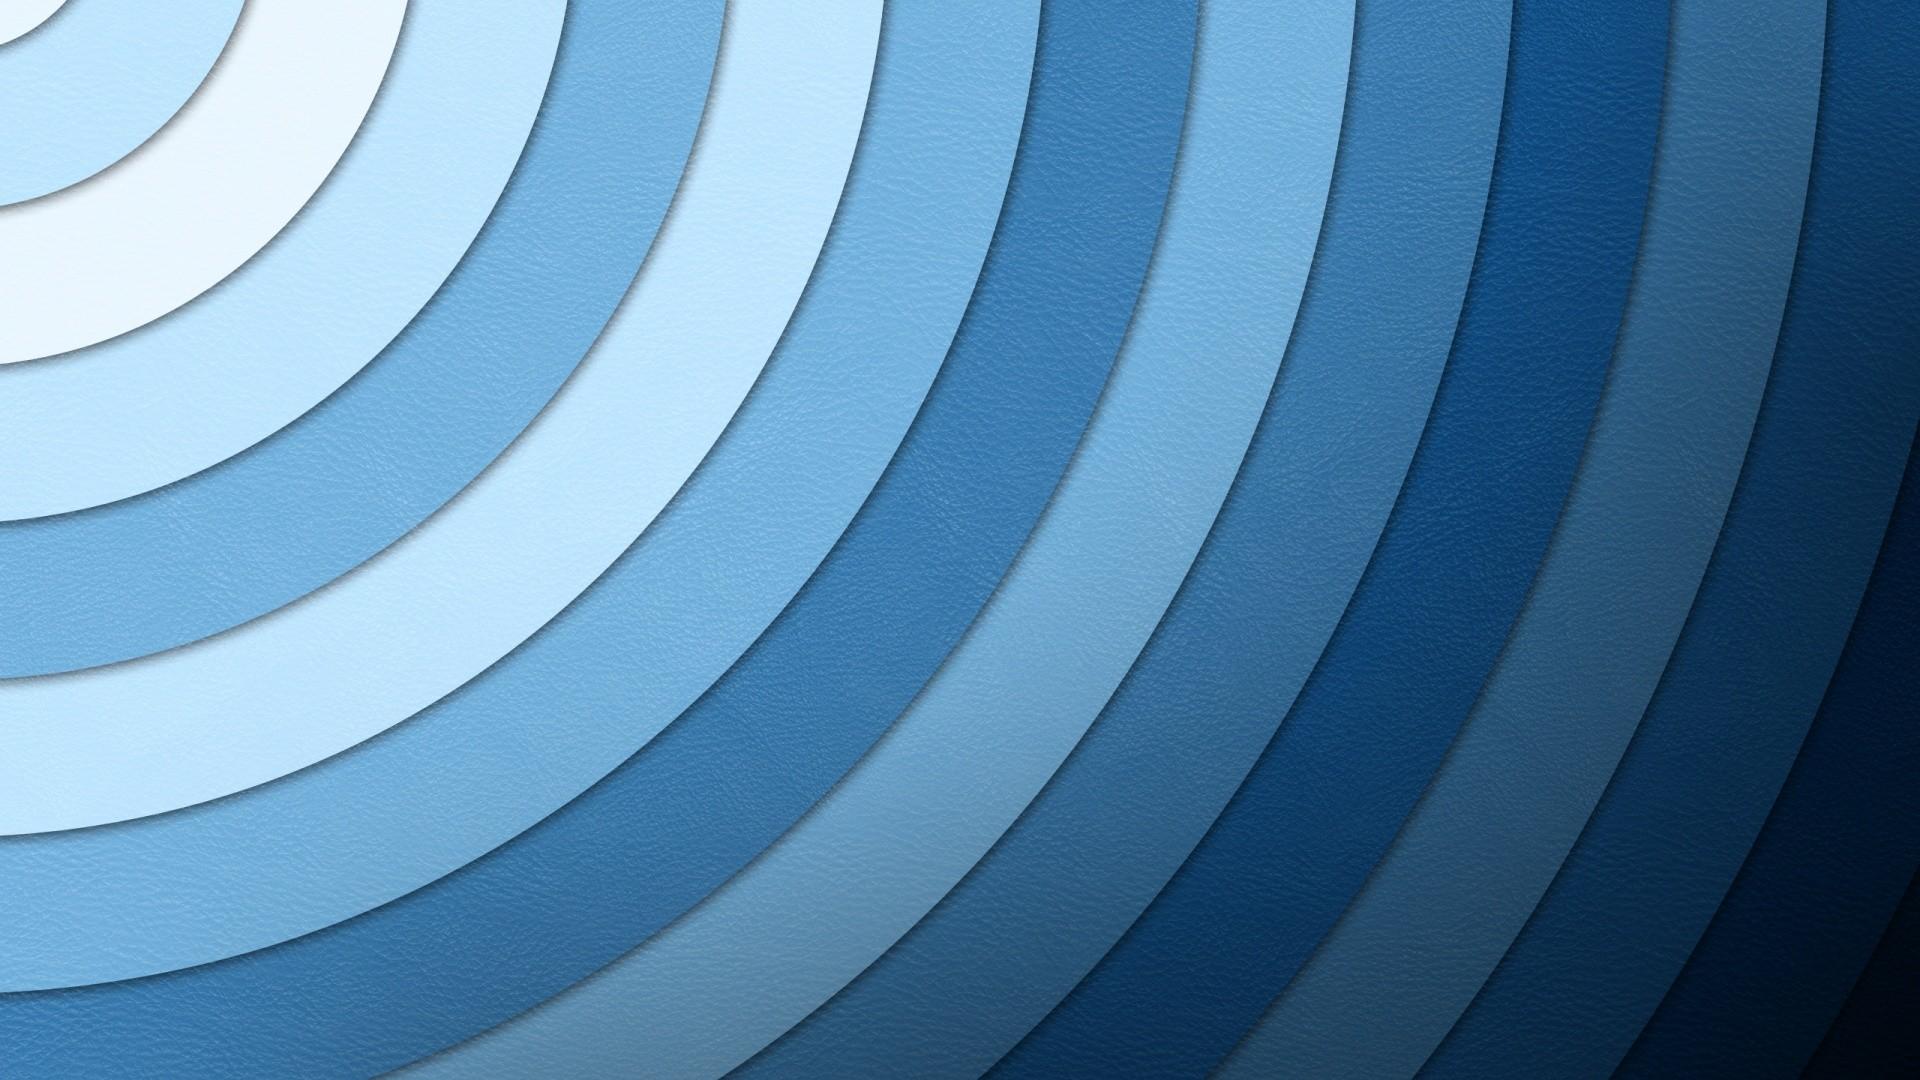 Blue Colors desktop PC and Mac wallpaper .